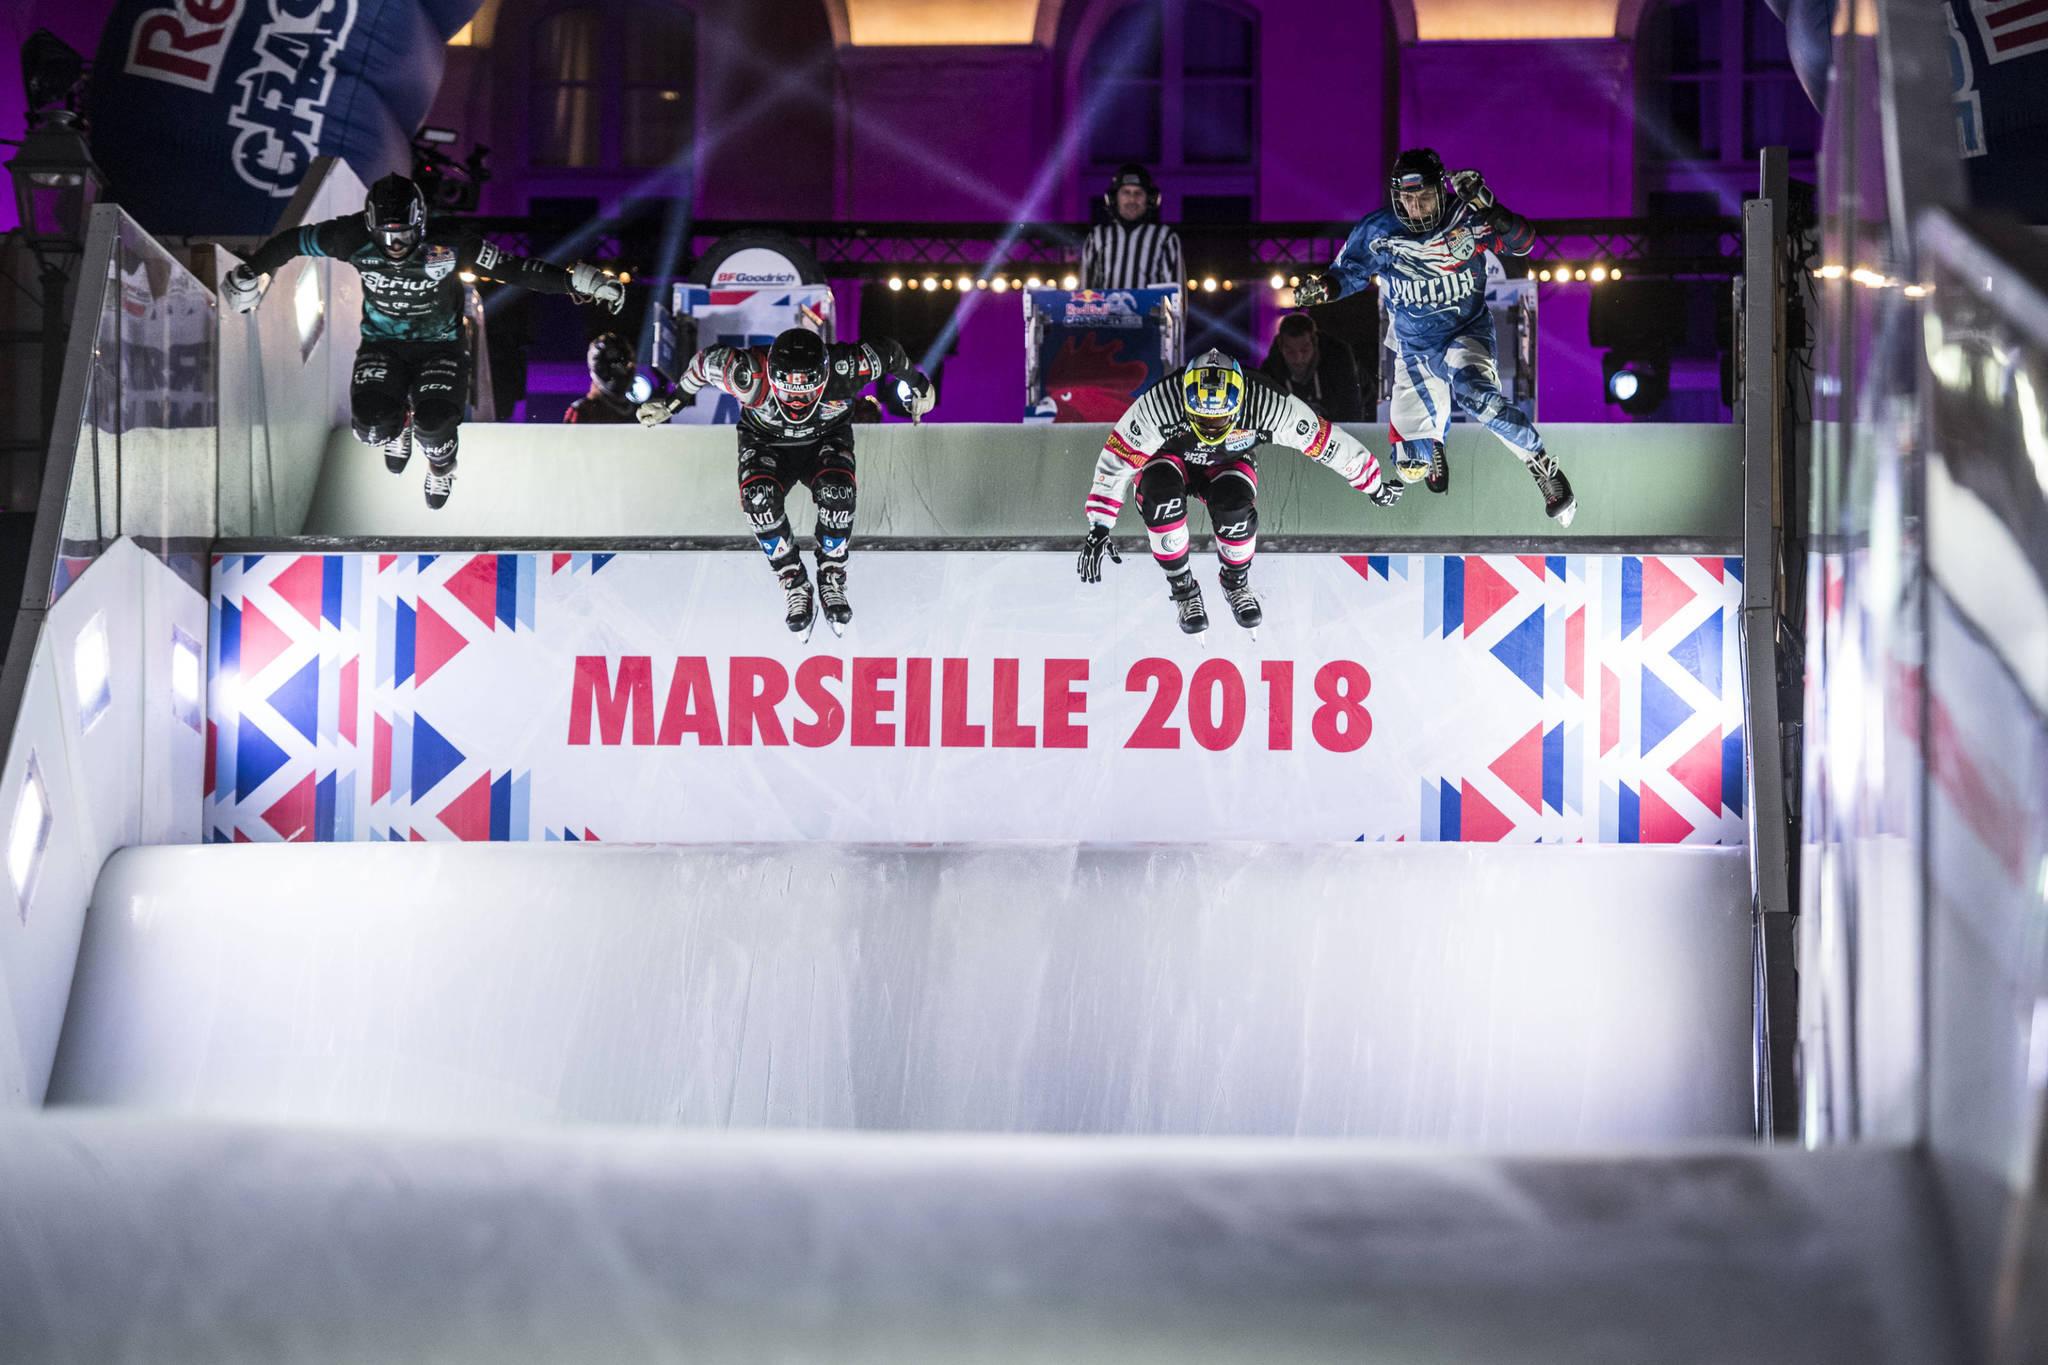 """""""氷上の障害物競走""""といえそうな、超スリリングなアイスレースが繰り広げられる Jorge Mitter / Red Bull Content Pool"""